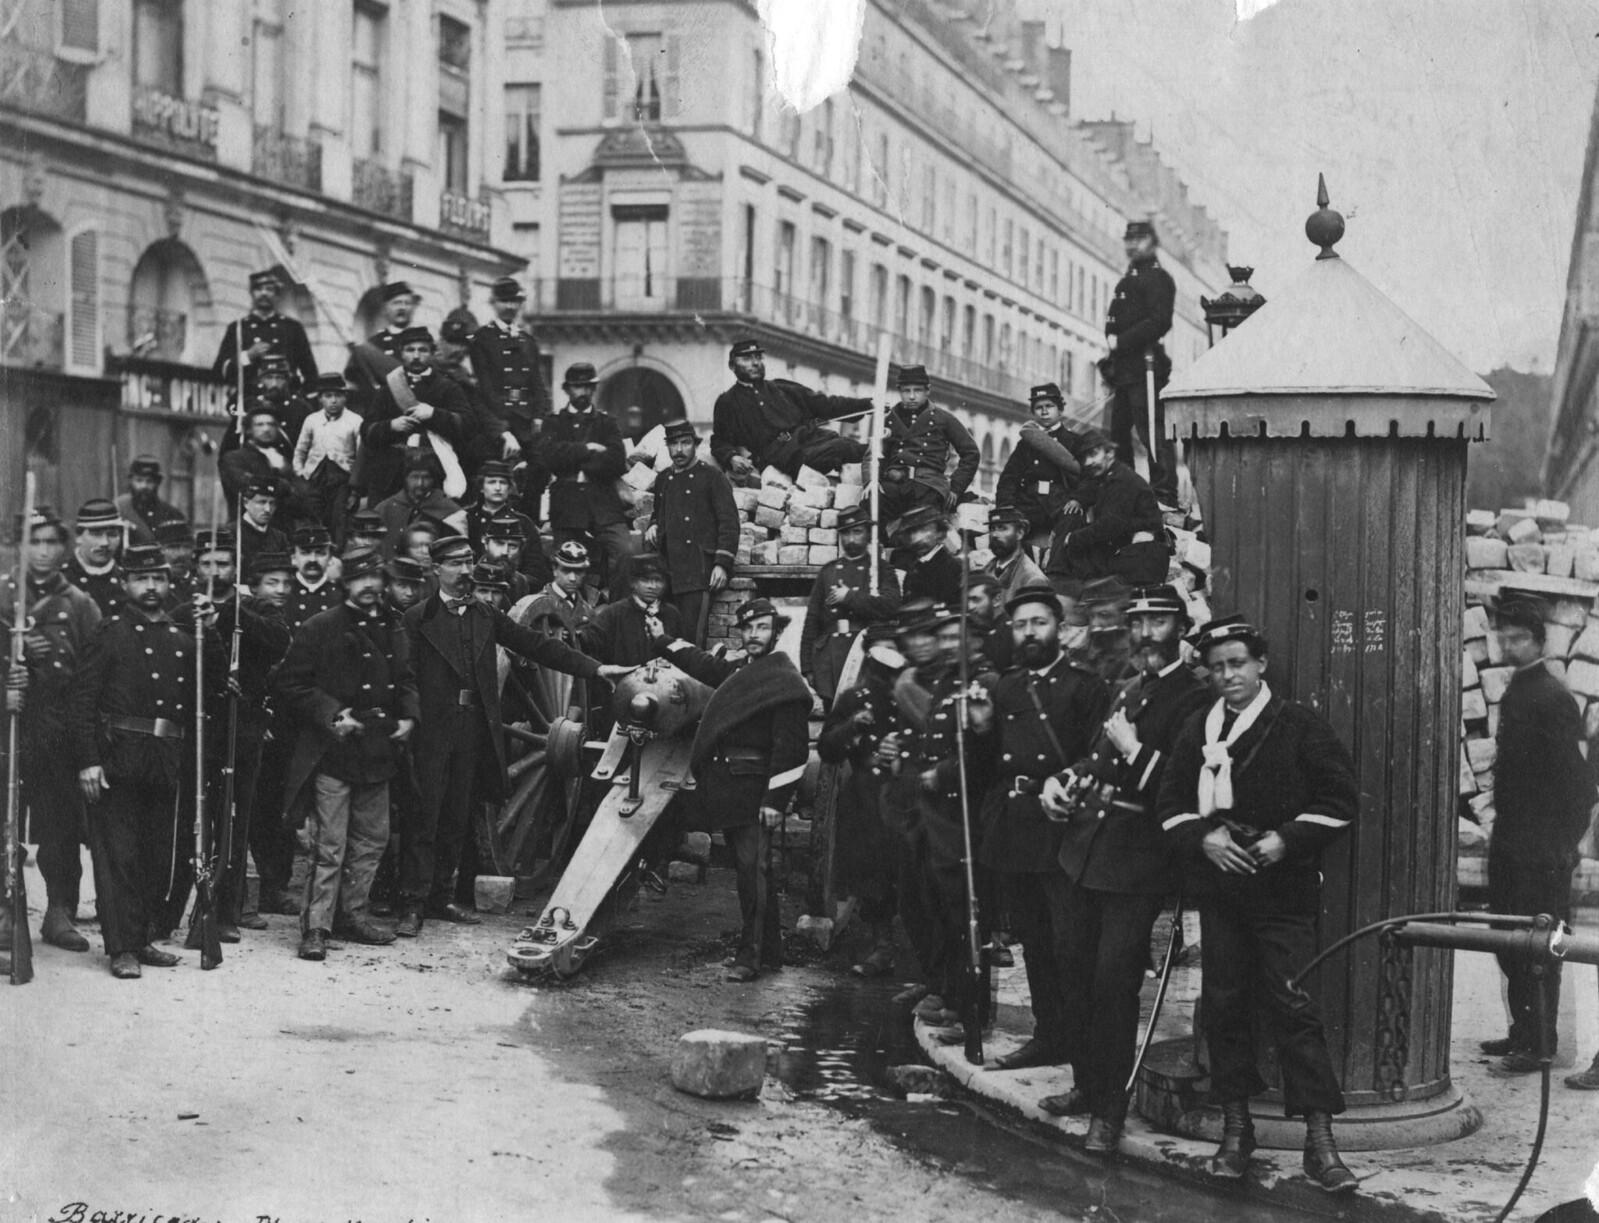 1871. Национальные гвардейцы позируют перед баррикадой на Вандомской площади во время гражданской войны между Третьей республикой и Парижской коммуной